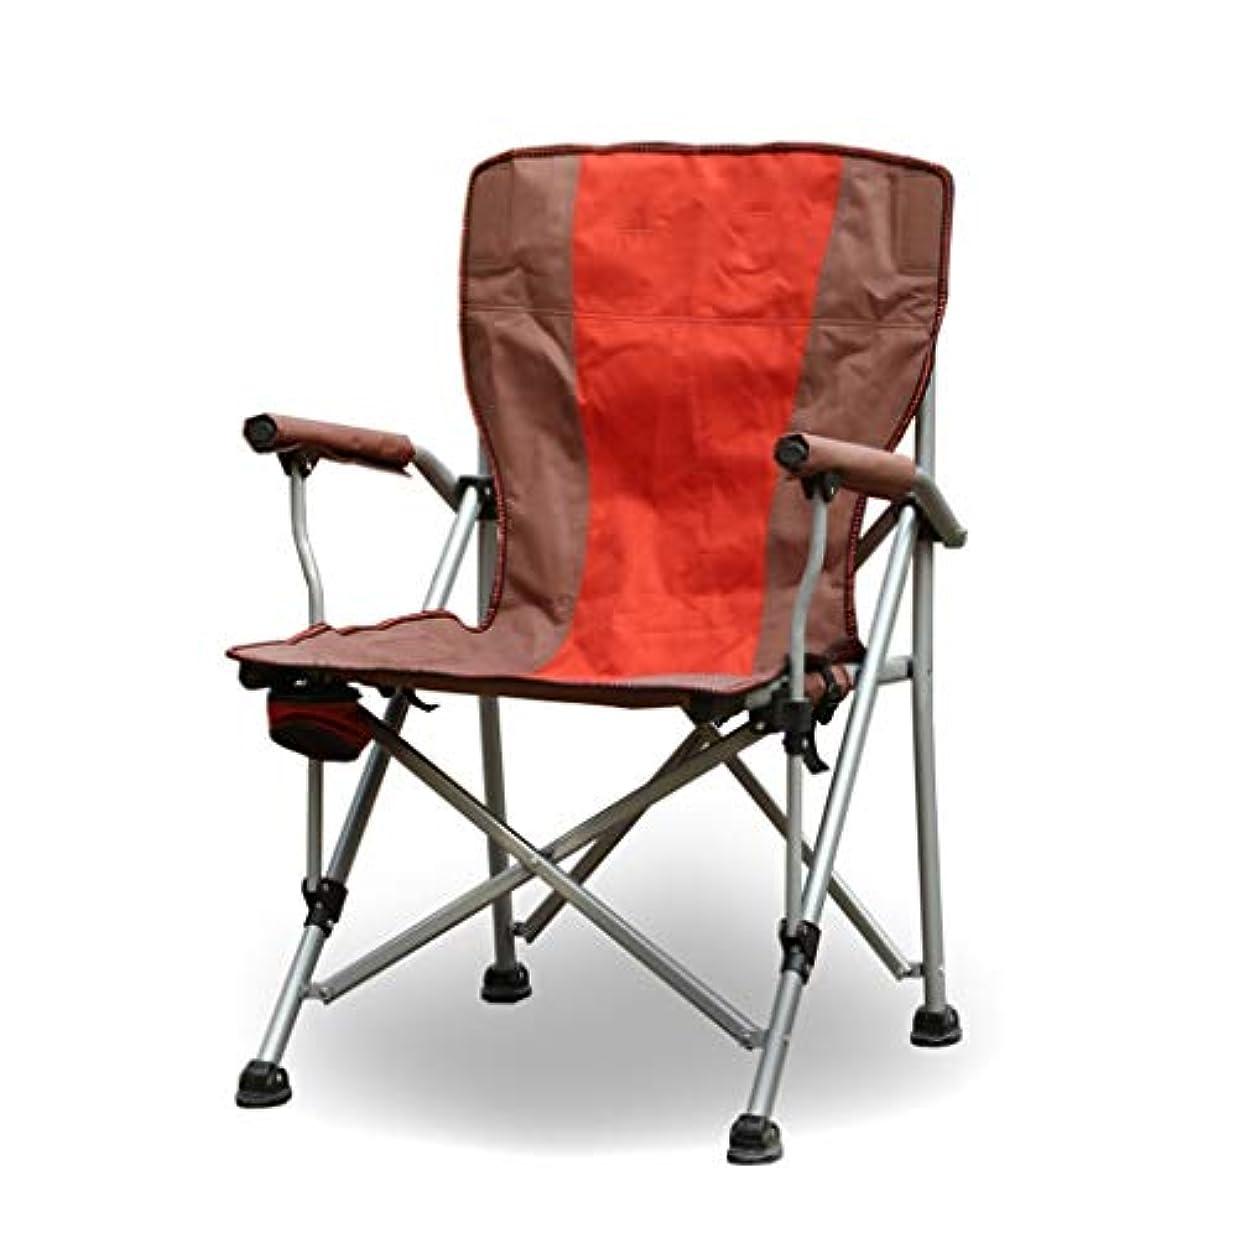 ハンカチ暗殺お誕生日ロッキングチェア 折りたたみキャンプチェアラウンジチェアゼロ重力簡単折りたたみビーチガーデンバーベキュー釣り、ベアリング150kg、オレンジ+赤